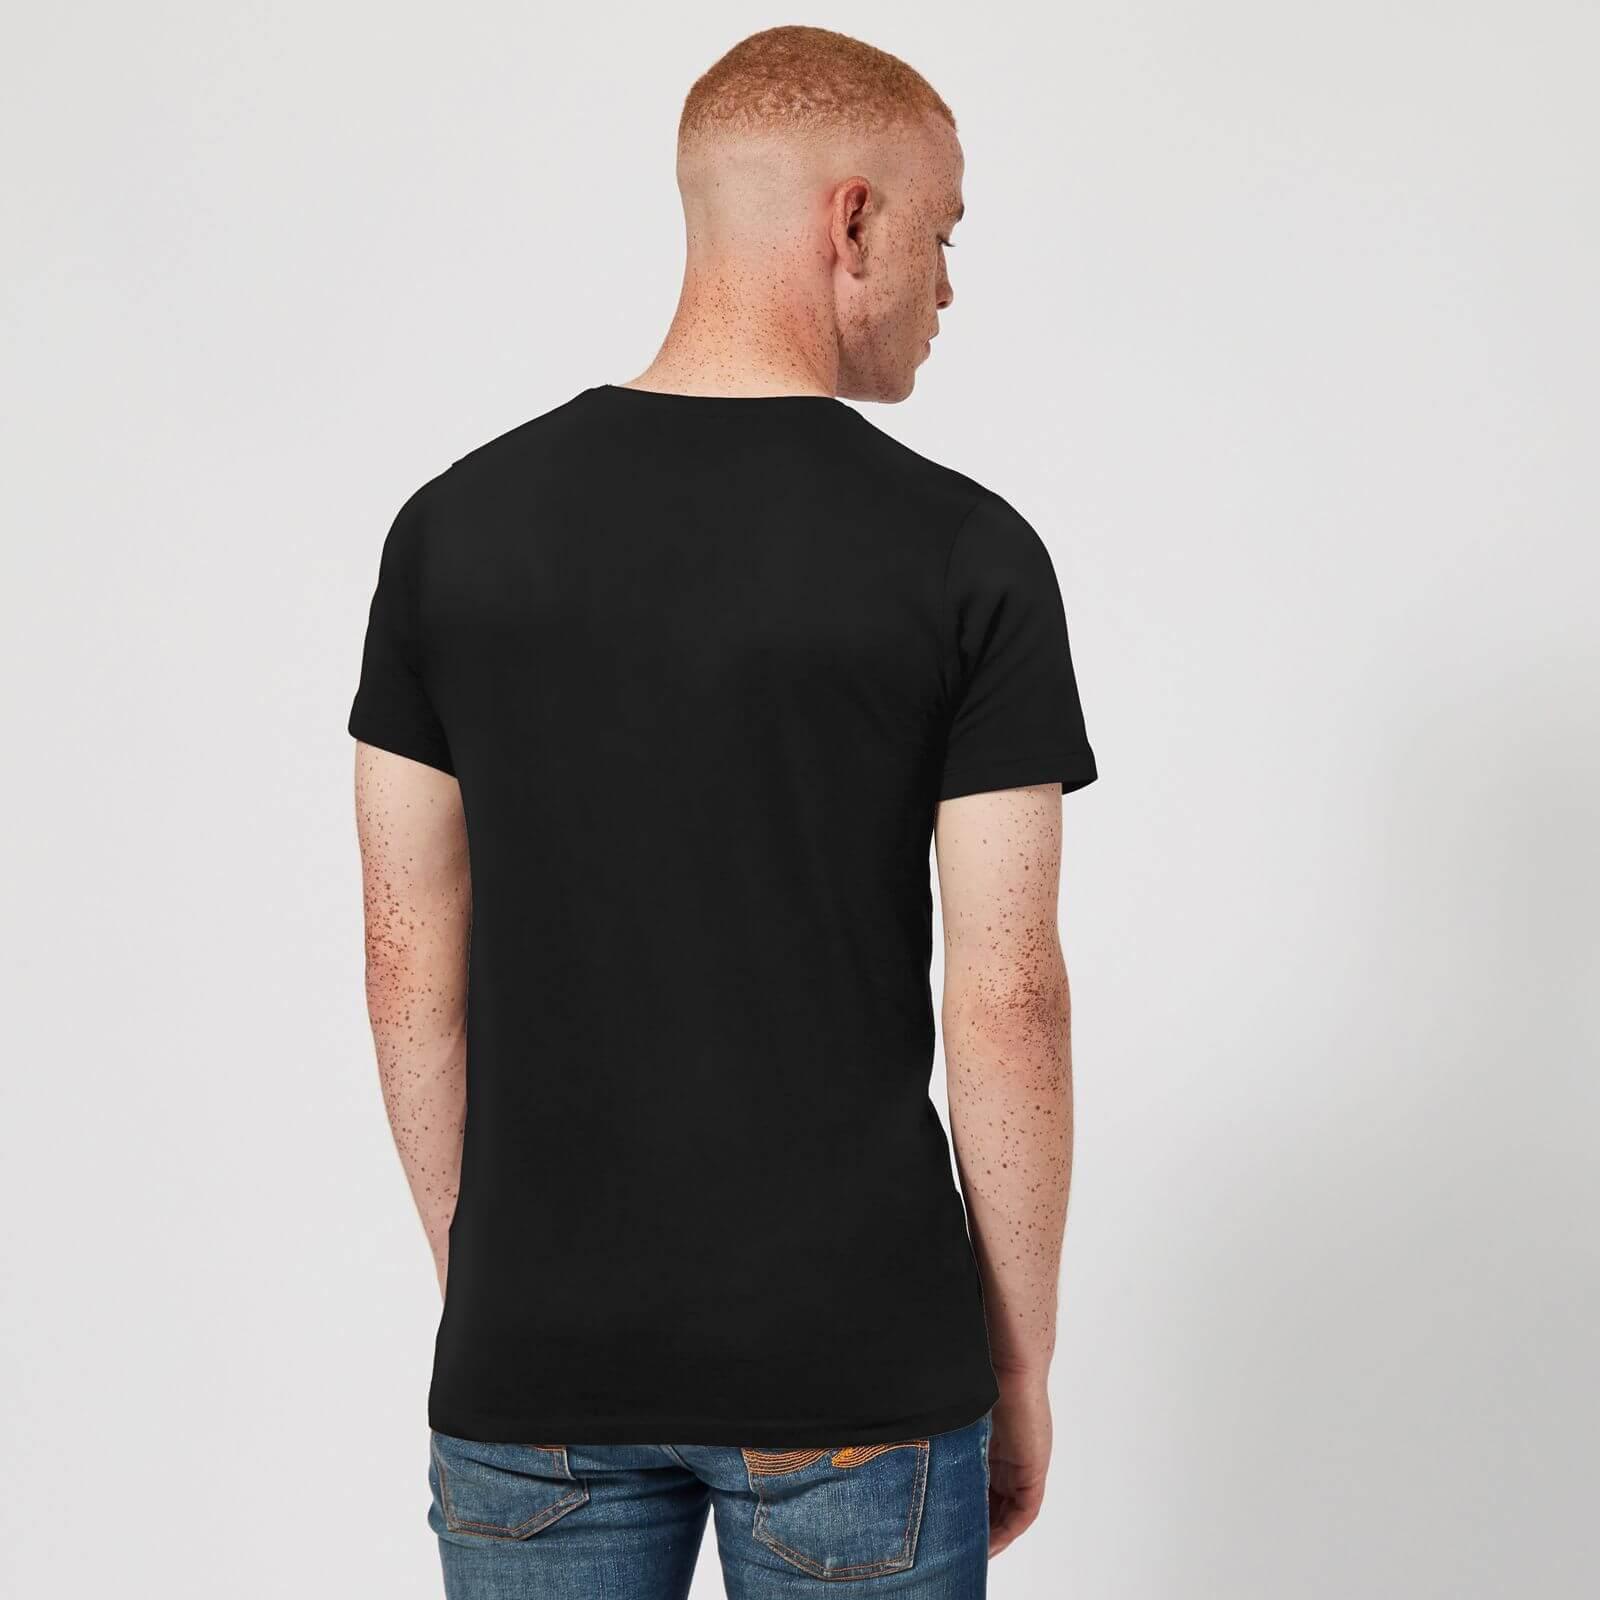 Chucky: Love Kills Men's T-Shirt - Black/XX-Large image